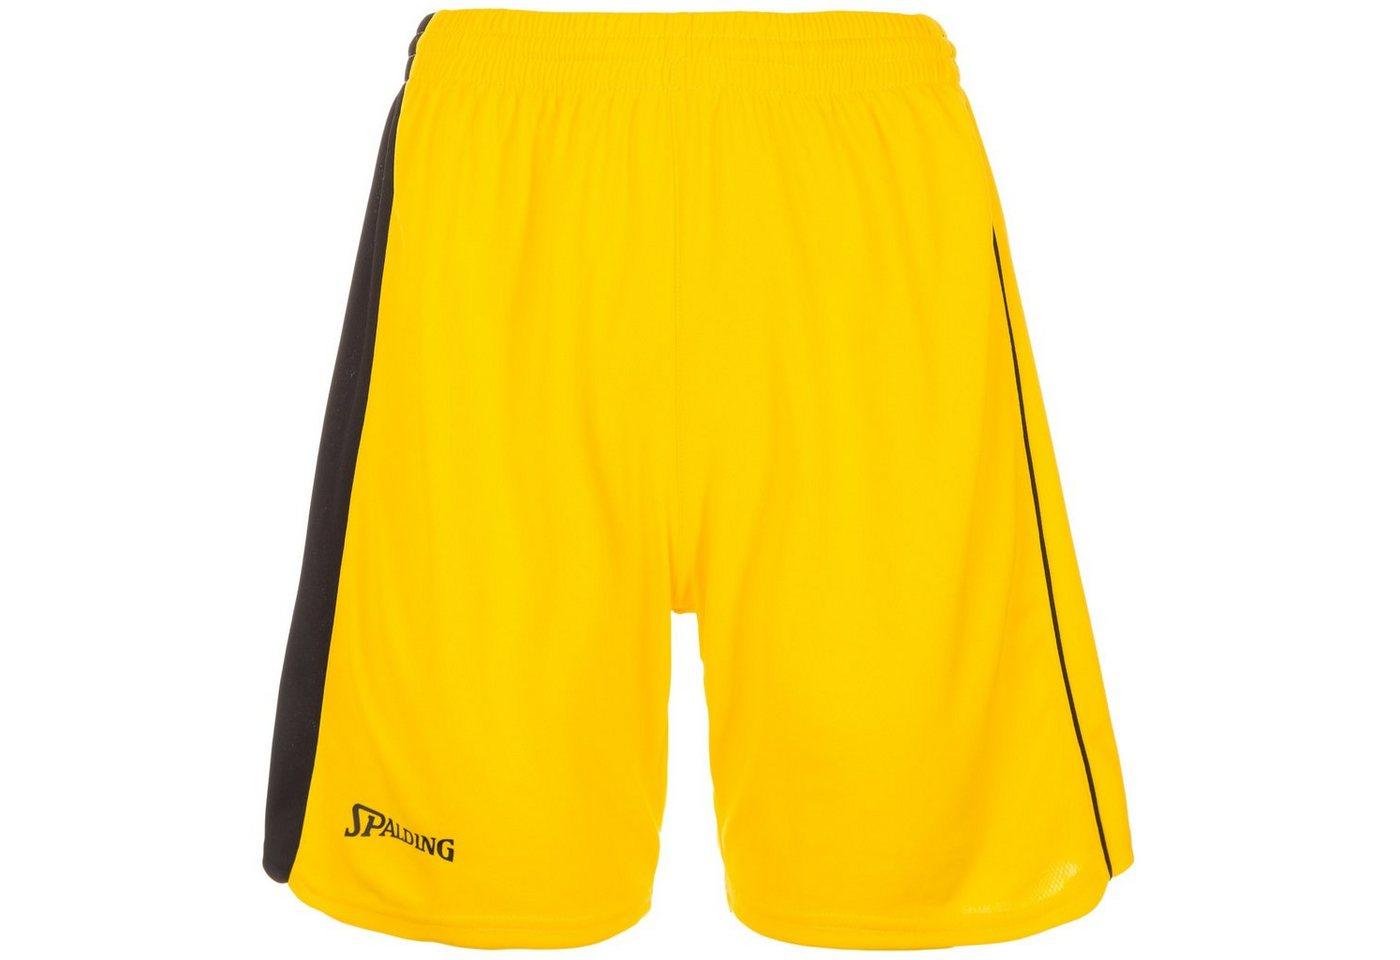 Spalding 4her II Basketballshort Damen   Sportbekleidung > Sporthosen > Basketballshorts   Gelb   Polyester   Spalding